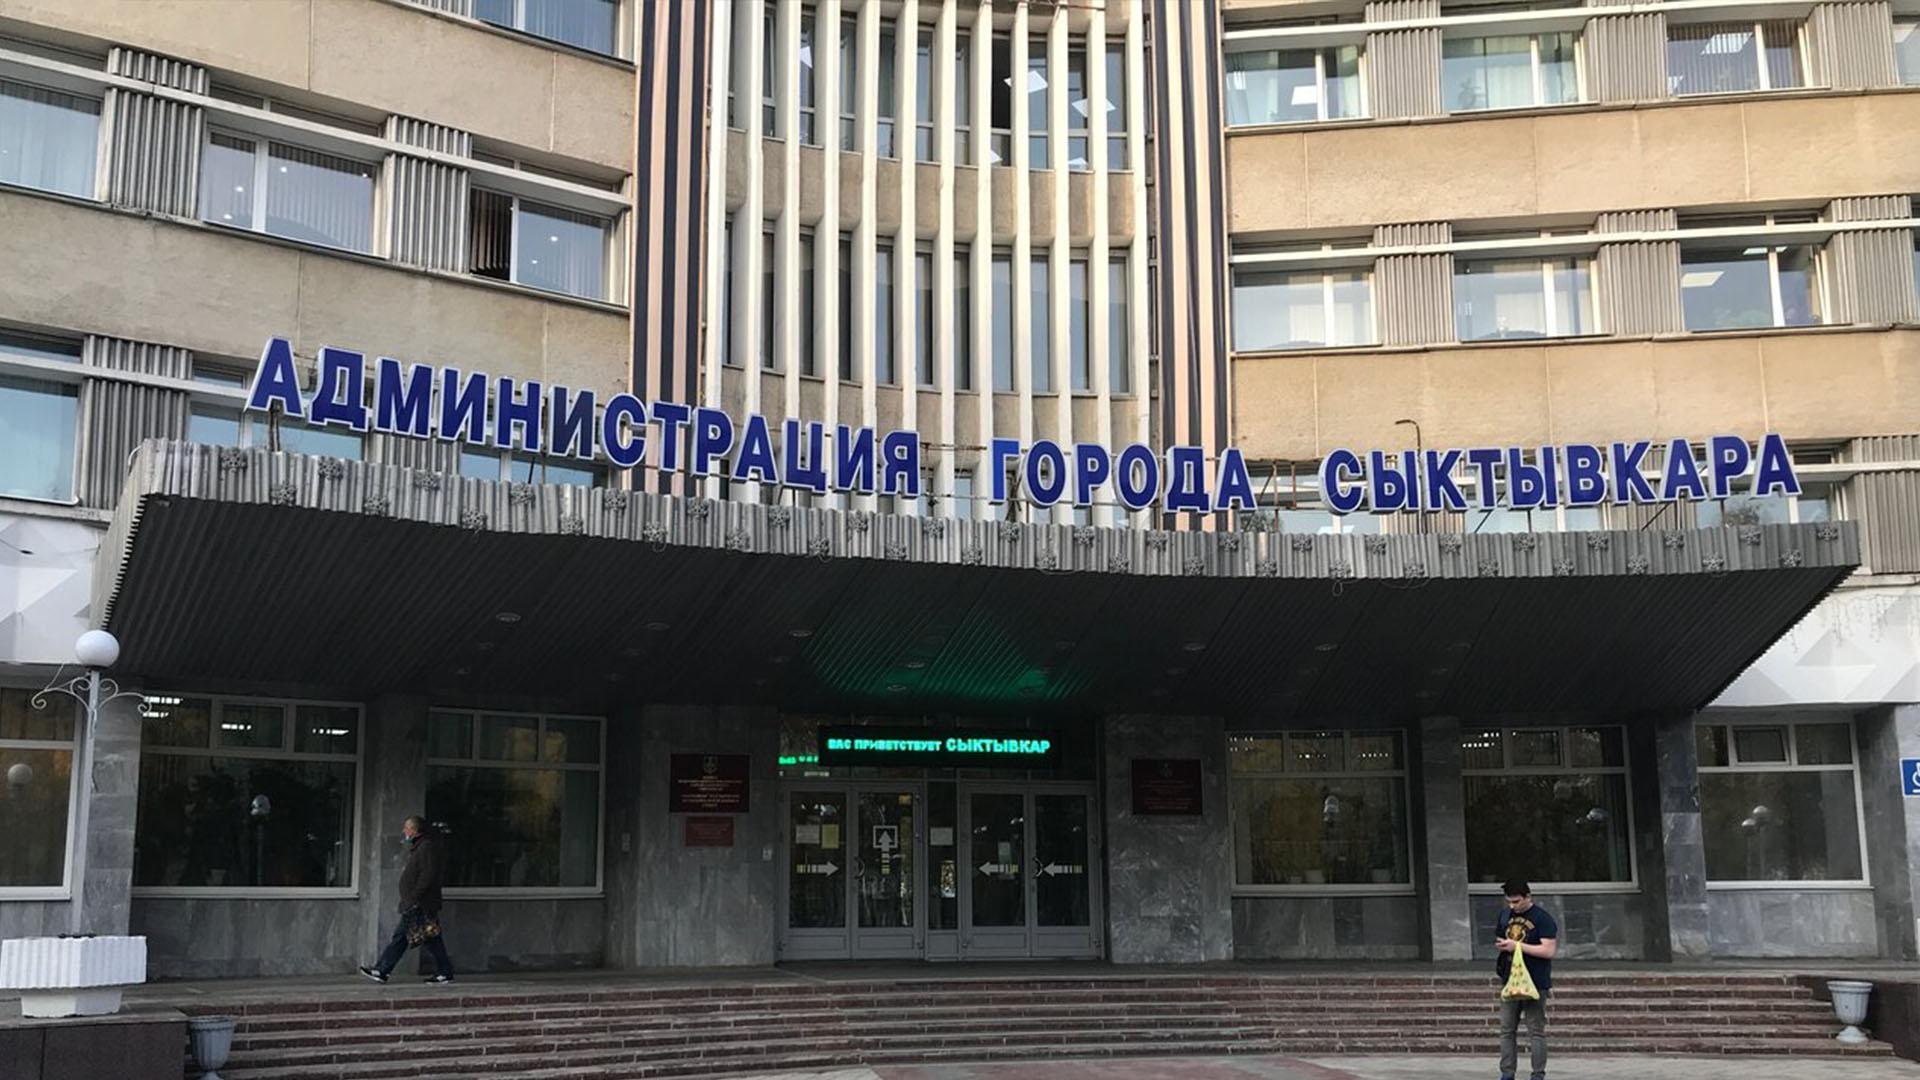 Водители такси Сыктывкара предложили помощь по обеспечению безопасности дорожного движения